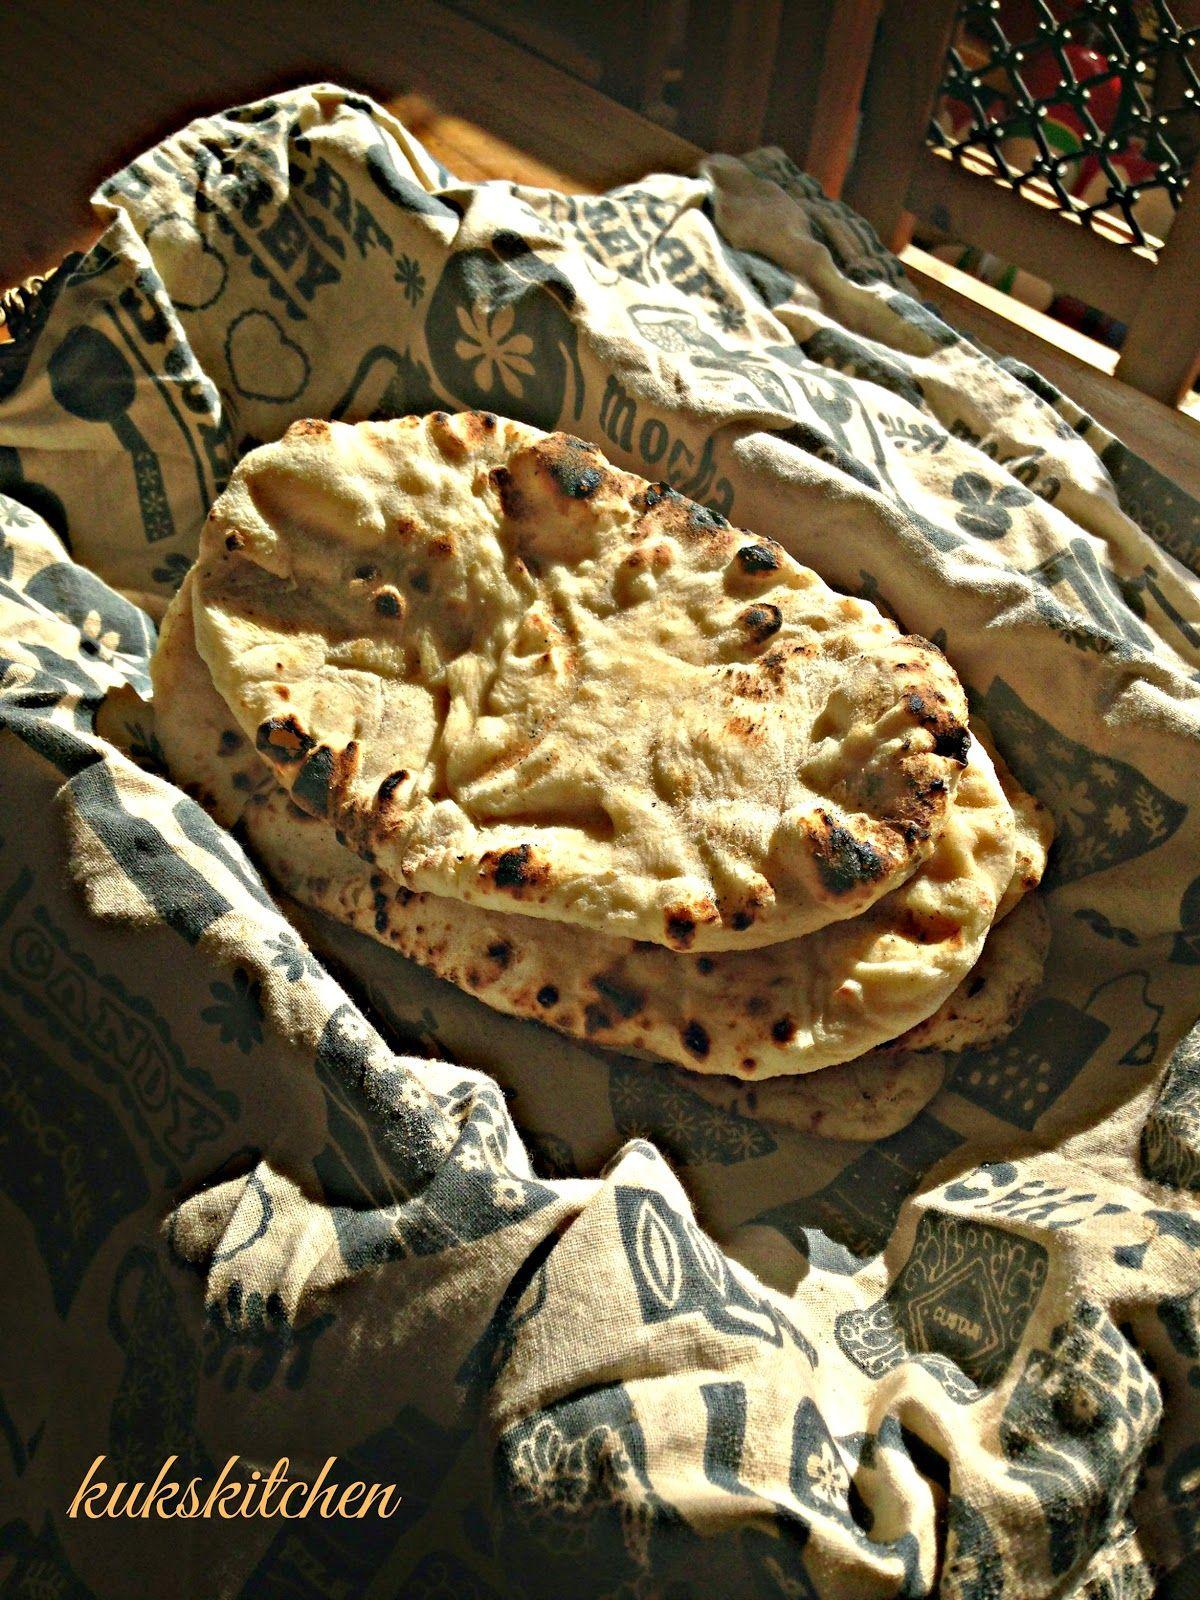 naan no egg no yeast tandoori roti kukskitchen | Tandoori ...